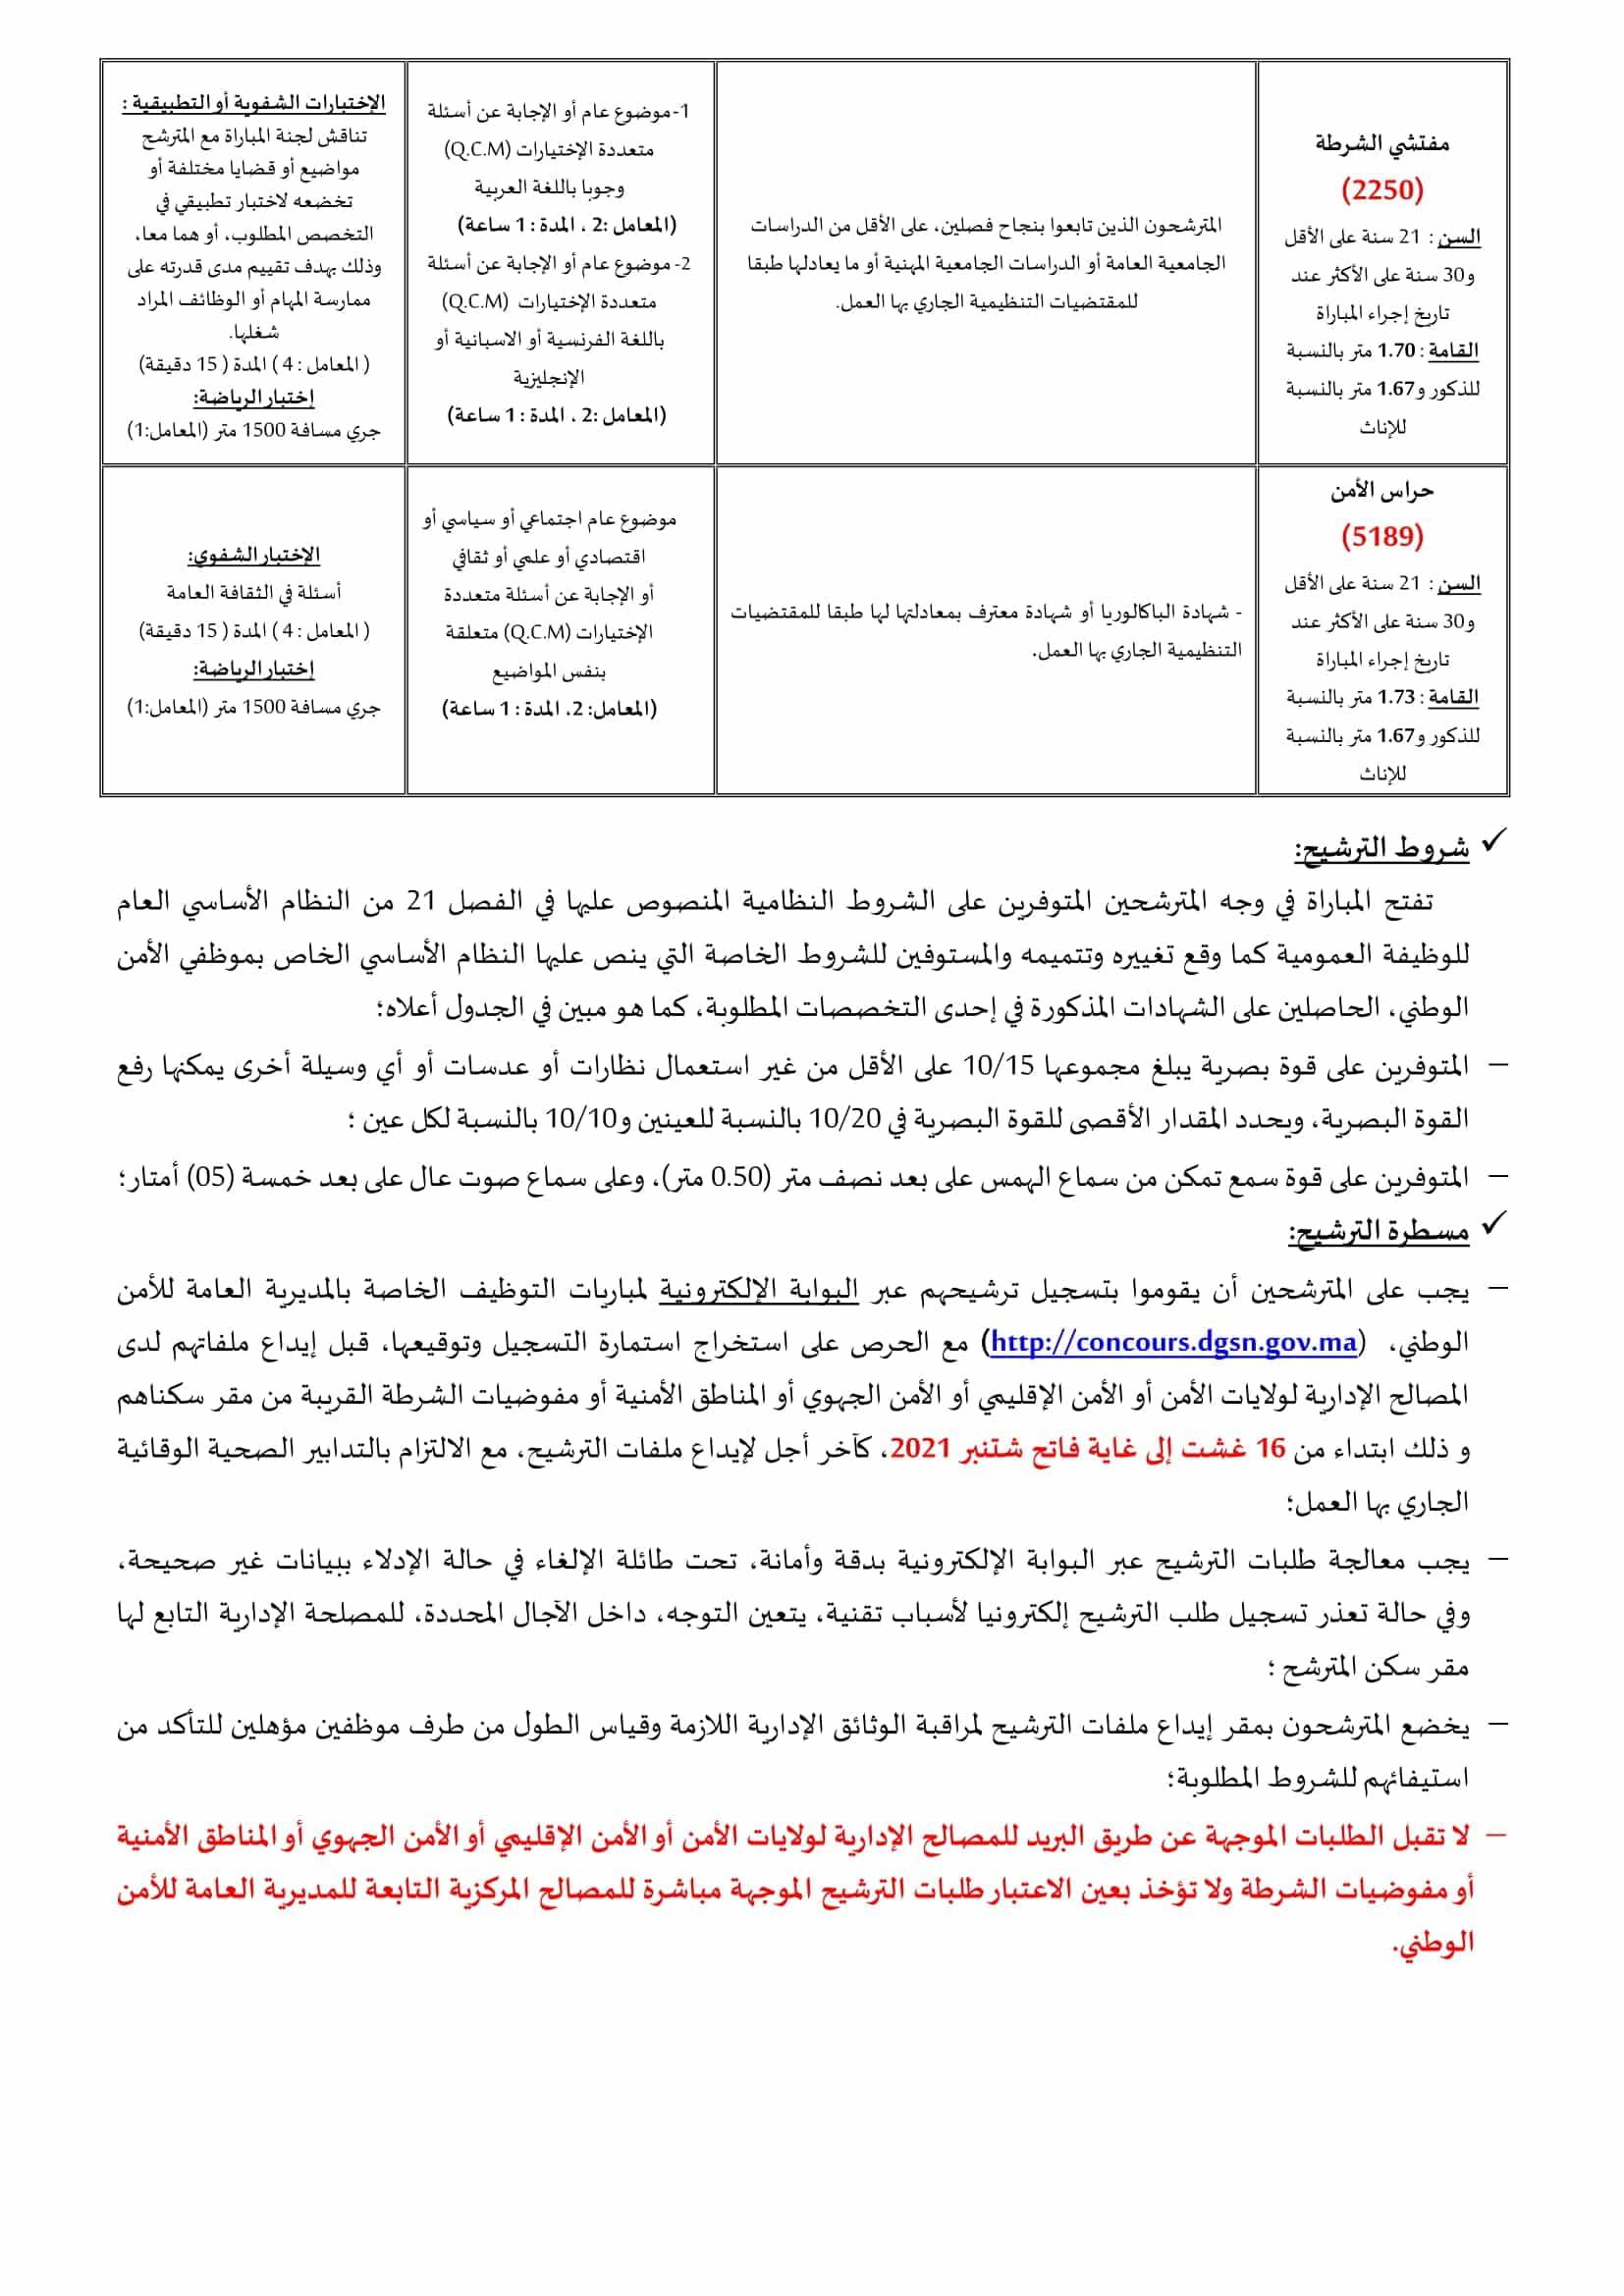 DGSN concours 2021 2